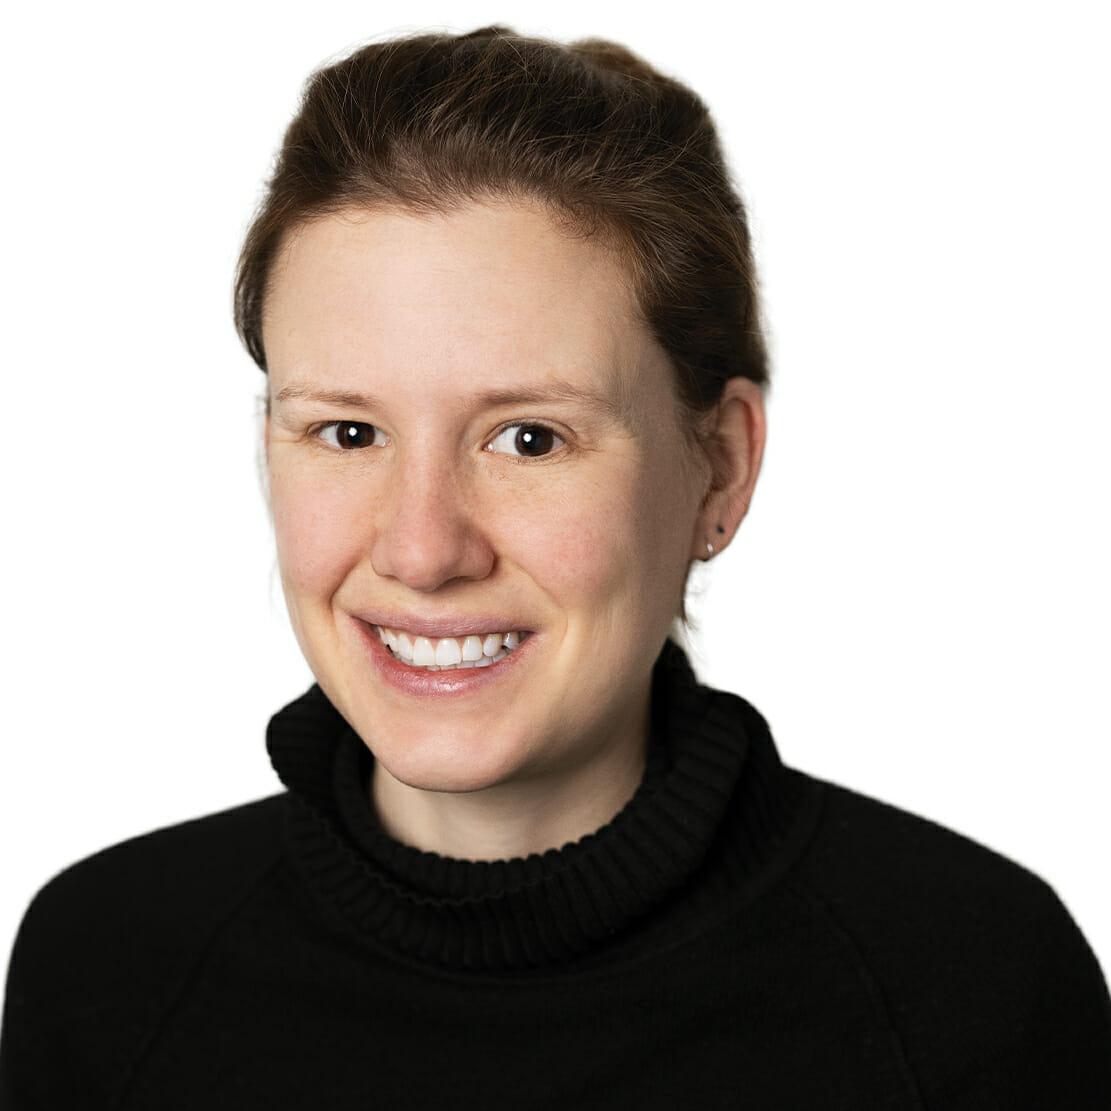 Emily Ottinger